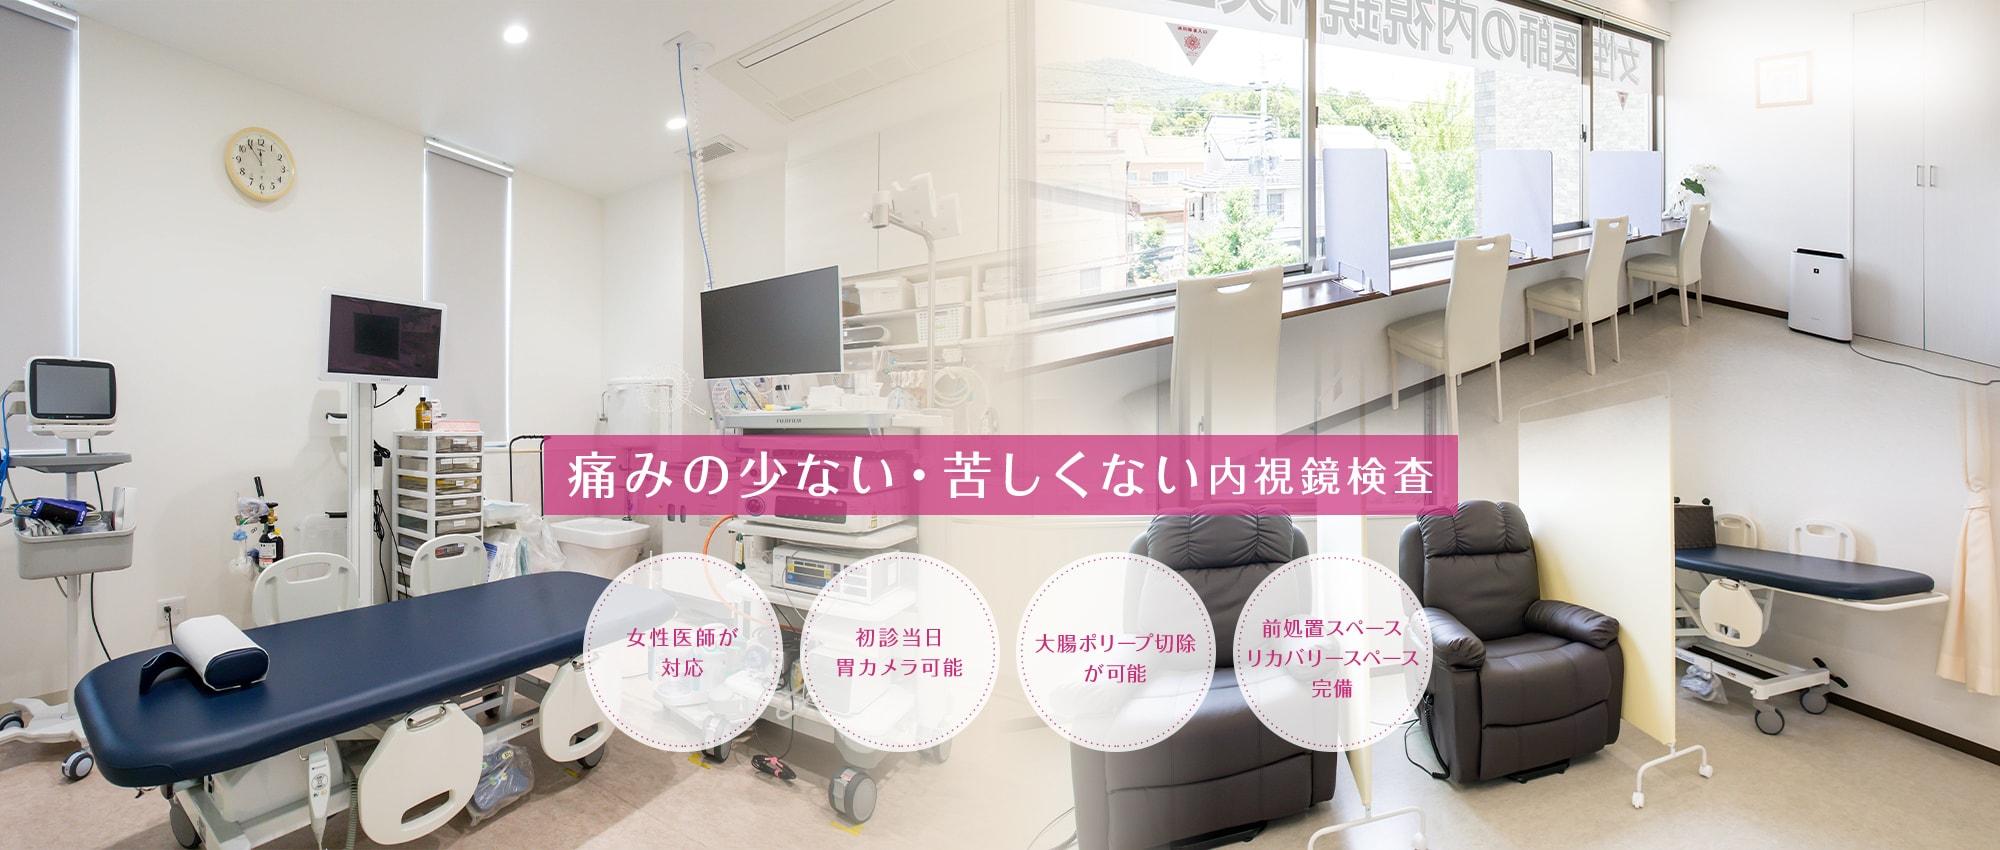 箕面市で痛みの少ない・苦しくない内視鏡検査(胃カメラ・大腸カメラ)